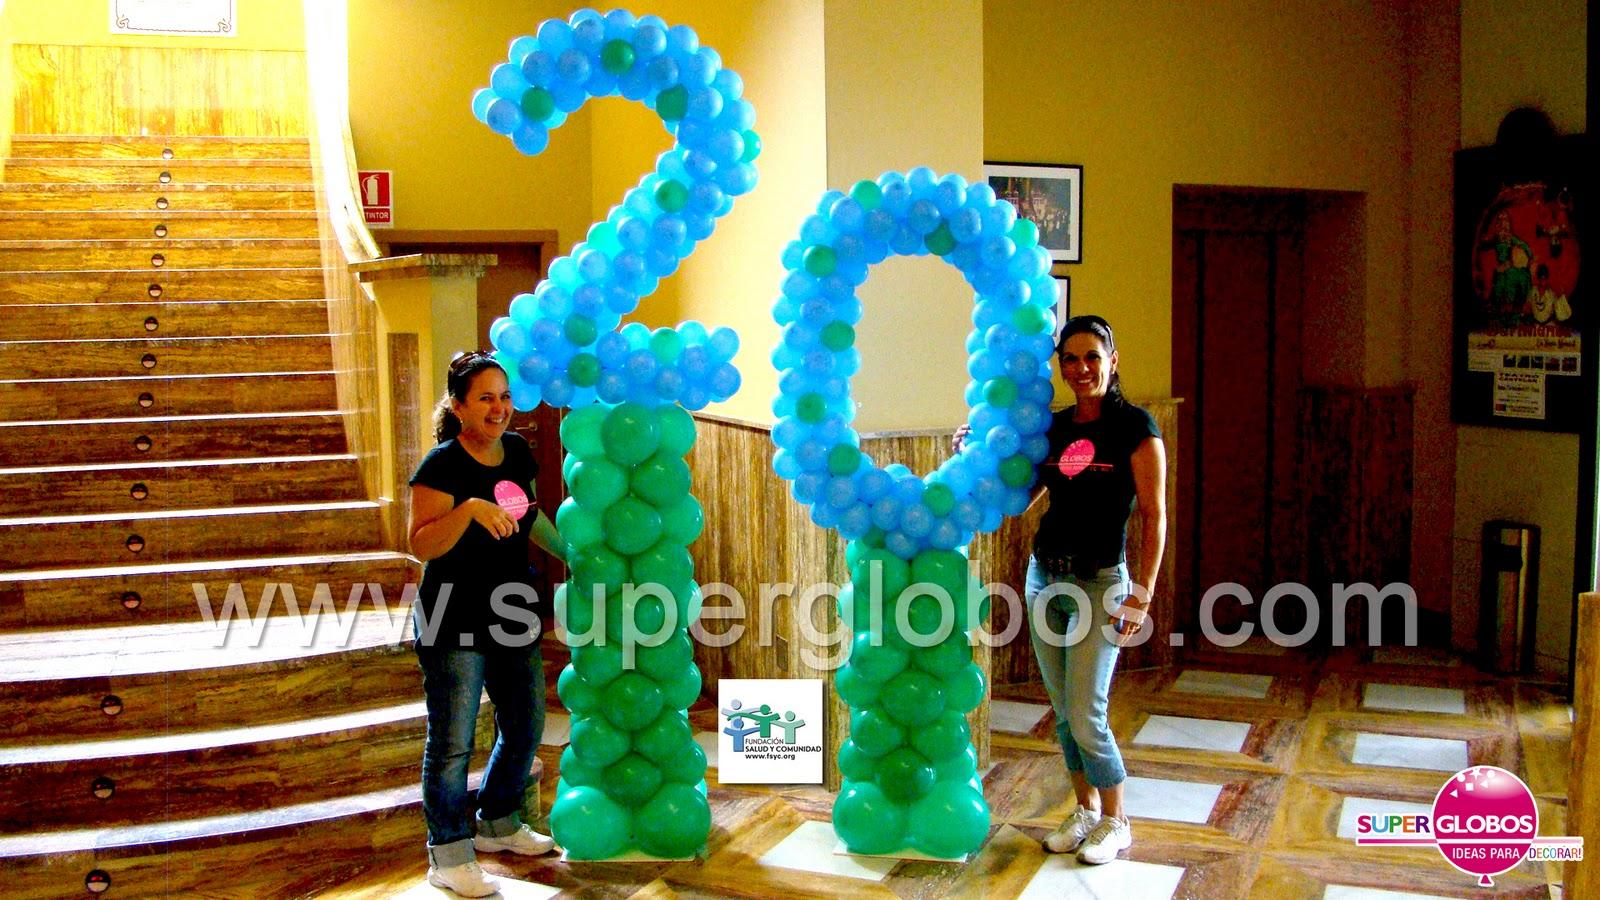 Decoraci n con globos para eventos y fiestas superglobos for Decoracion para aniversario